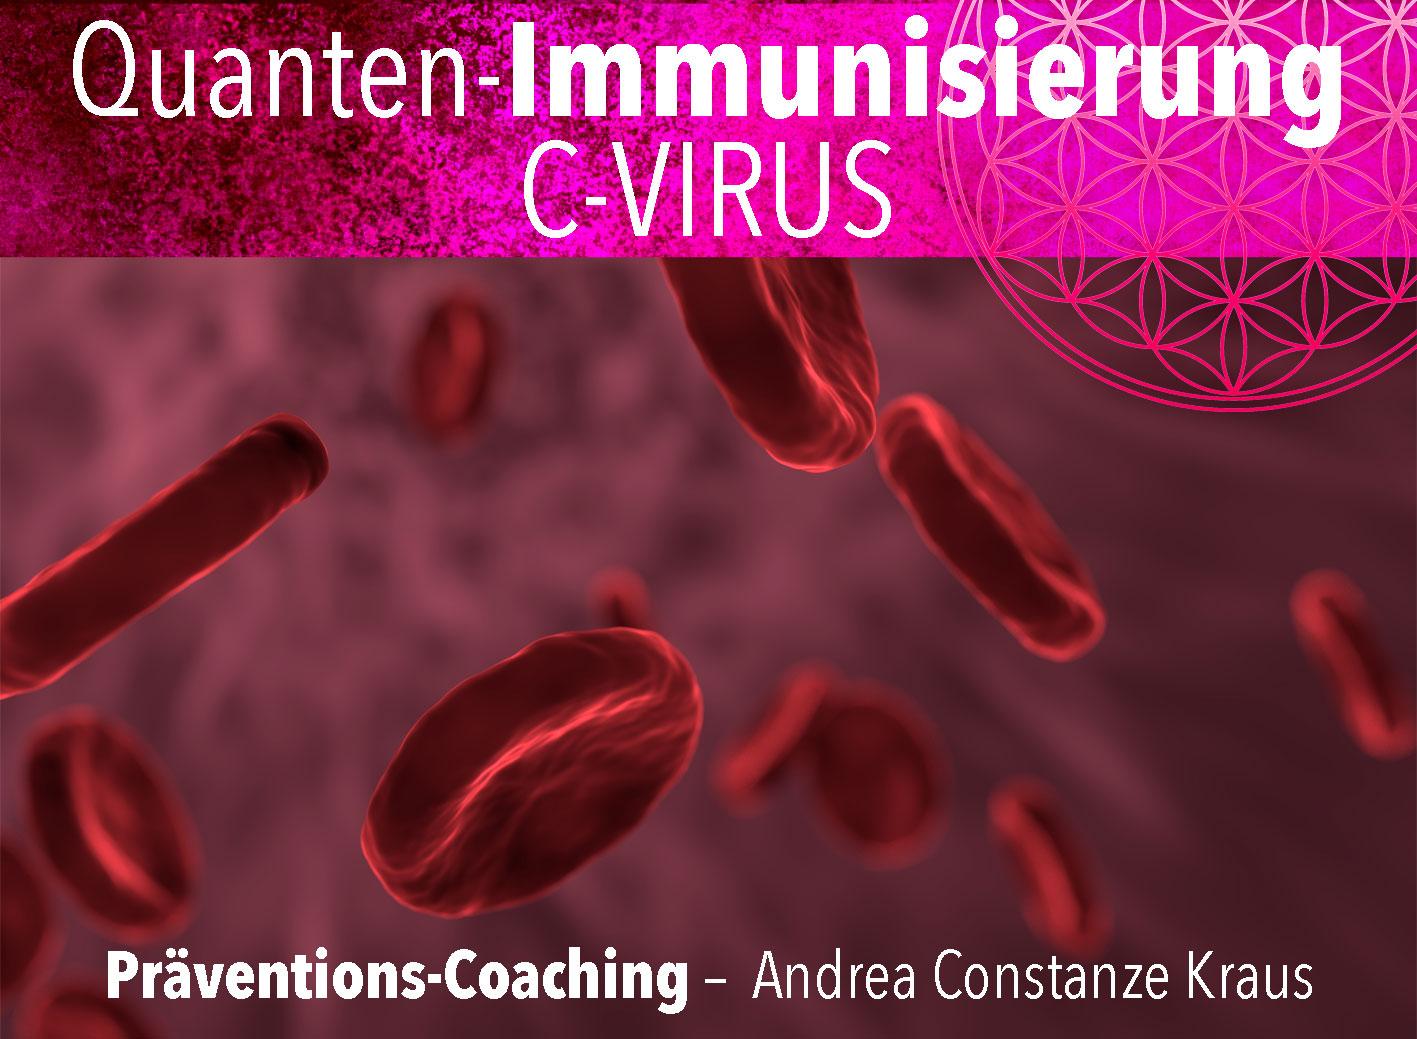 Quanten-Immunisierung